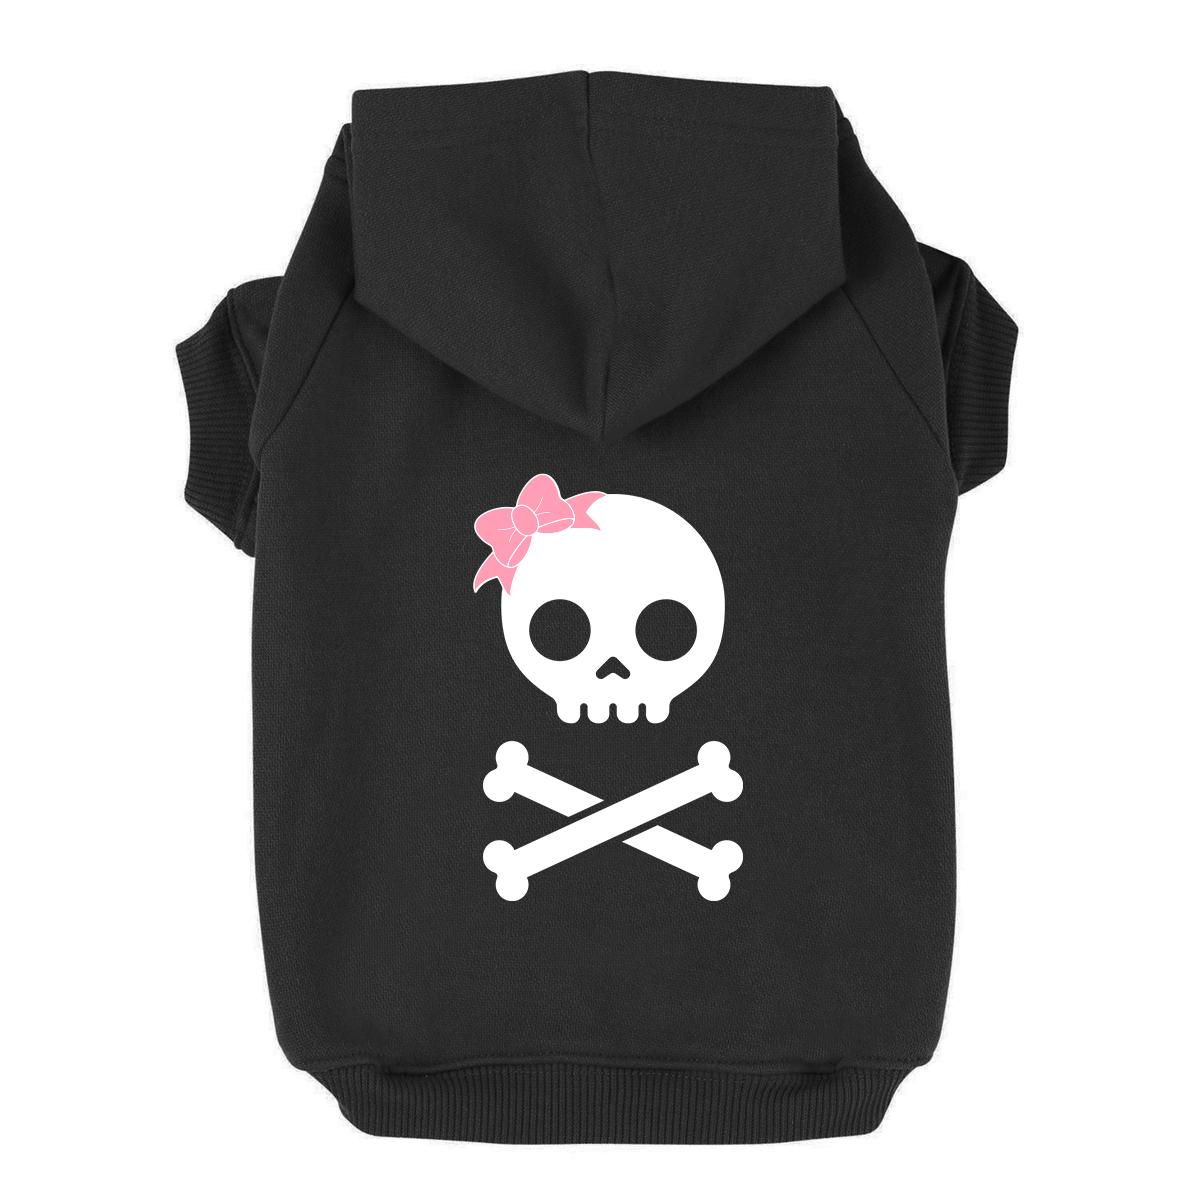 Girl Skull and Bones Dog Hoodie - Black